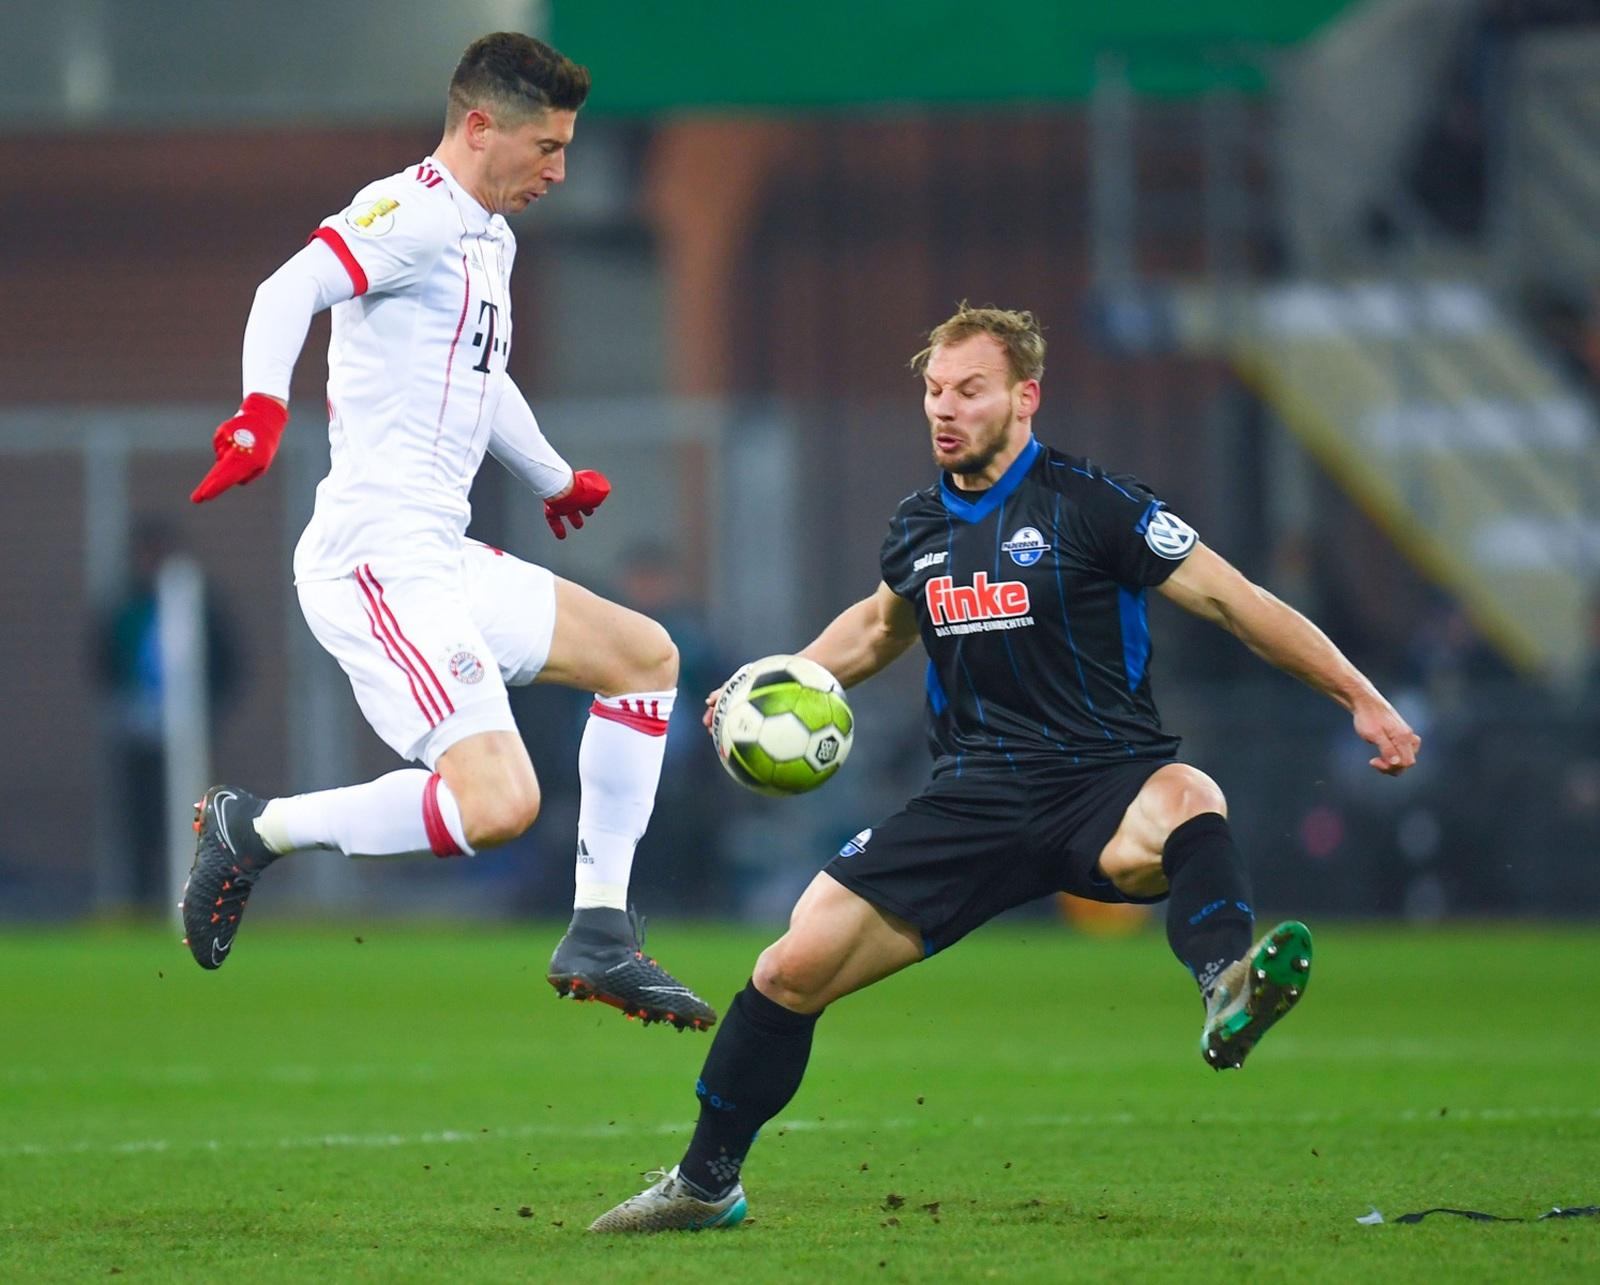 Spielsysteme Bundesliga spielen - 239619